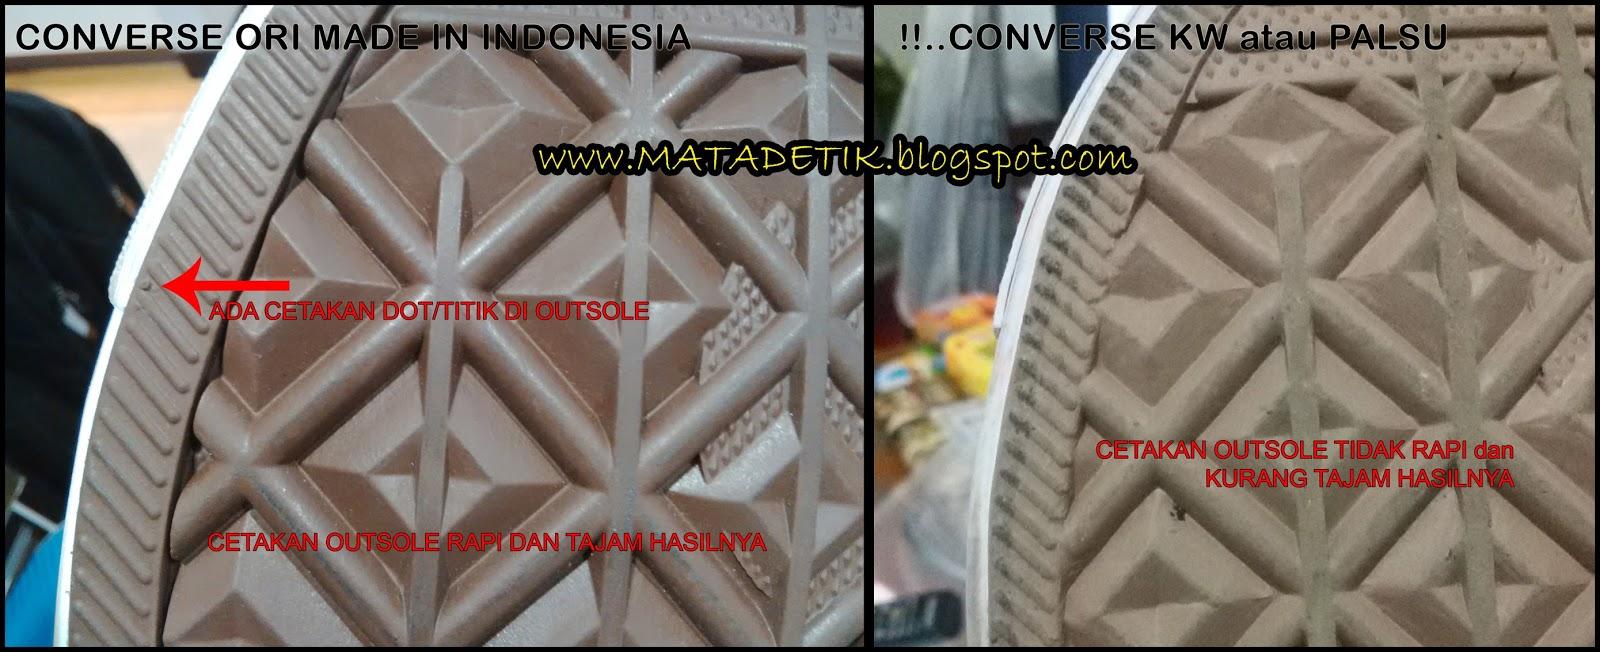 325ab572008d Perbedaan Converse Original Made In Indonesia dengan yang KW atau Palsu...!!  HASIL FOTO SENDIRI (1)